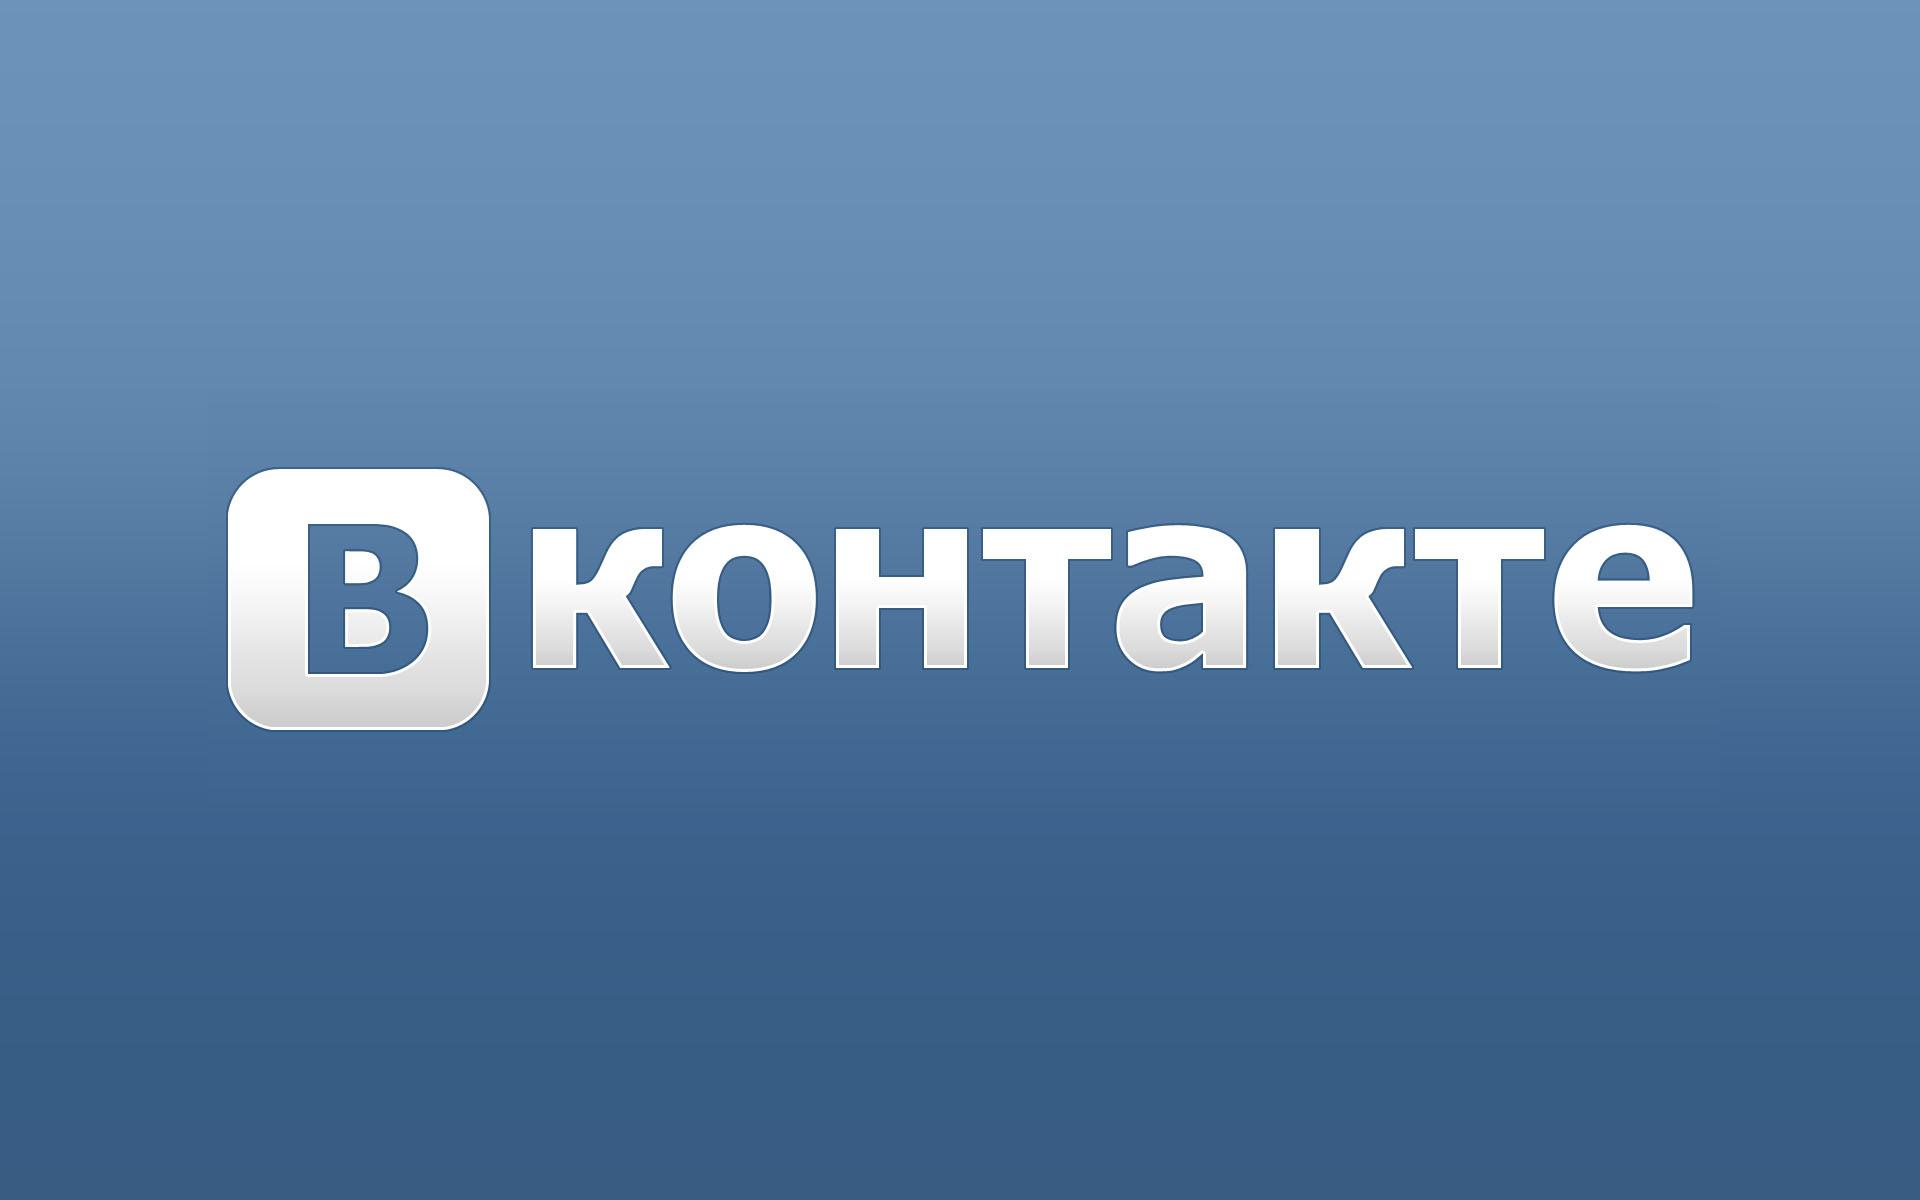 ВКонтакте выпустил обновление инструмента для подборки товаров в магазинах платформы